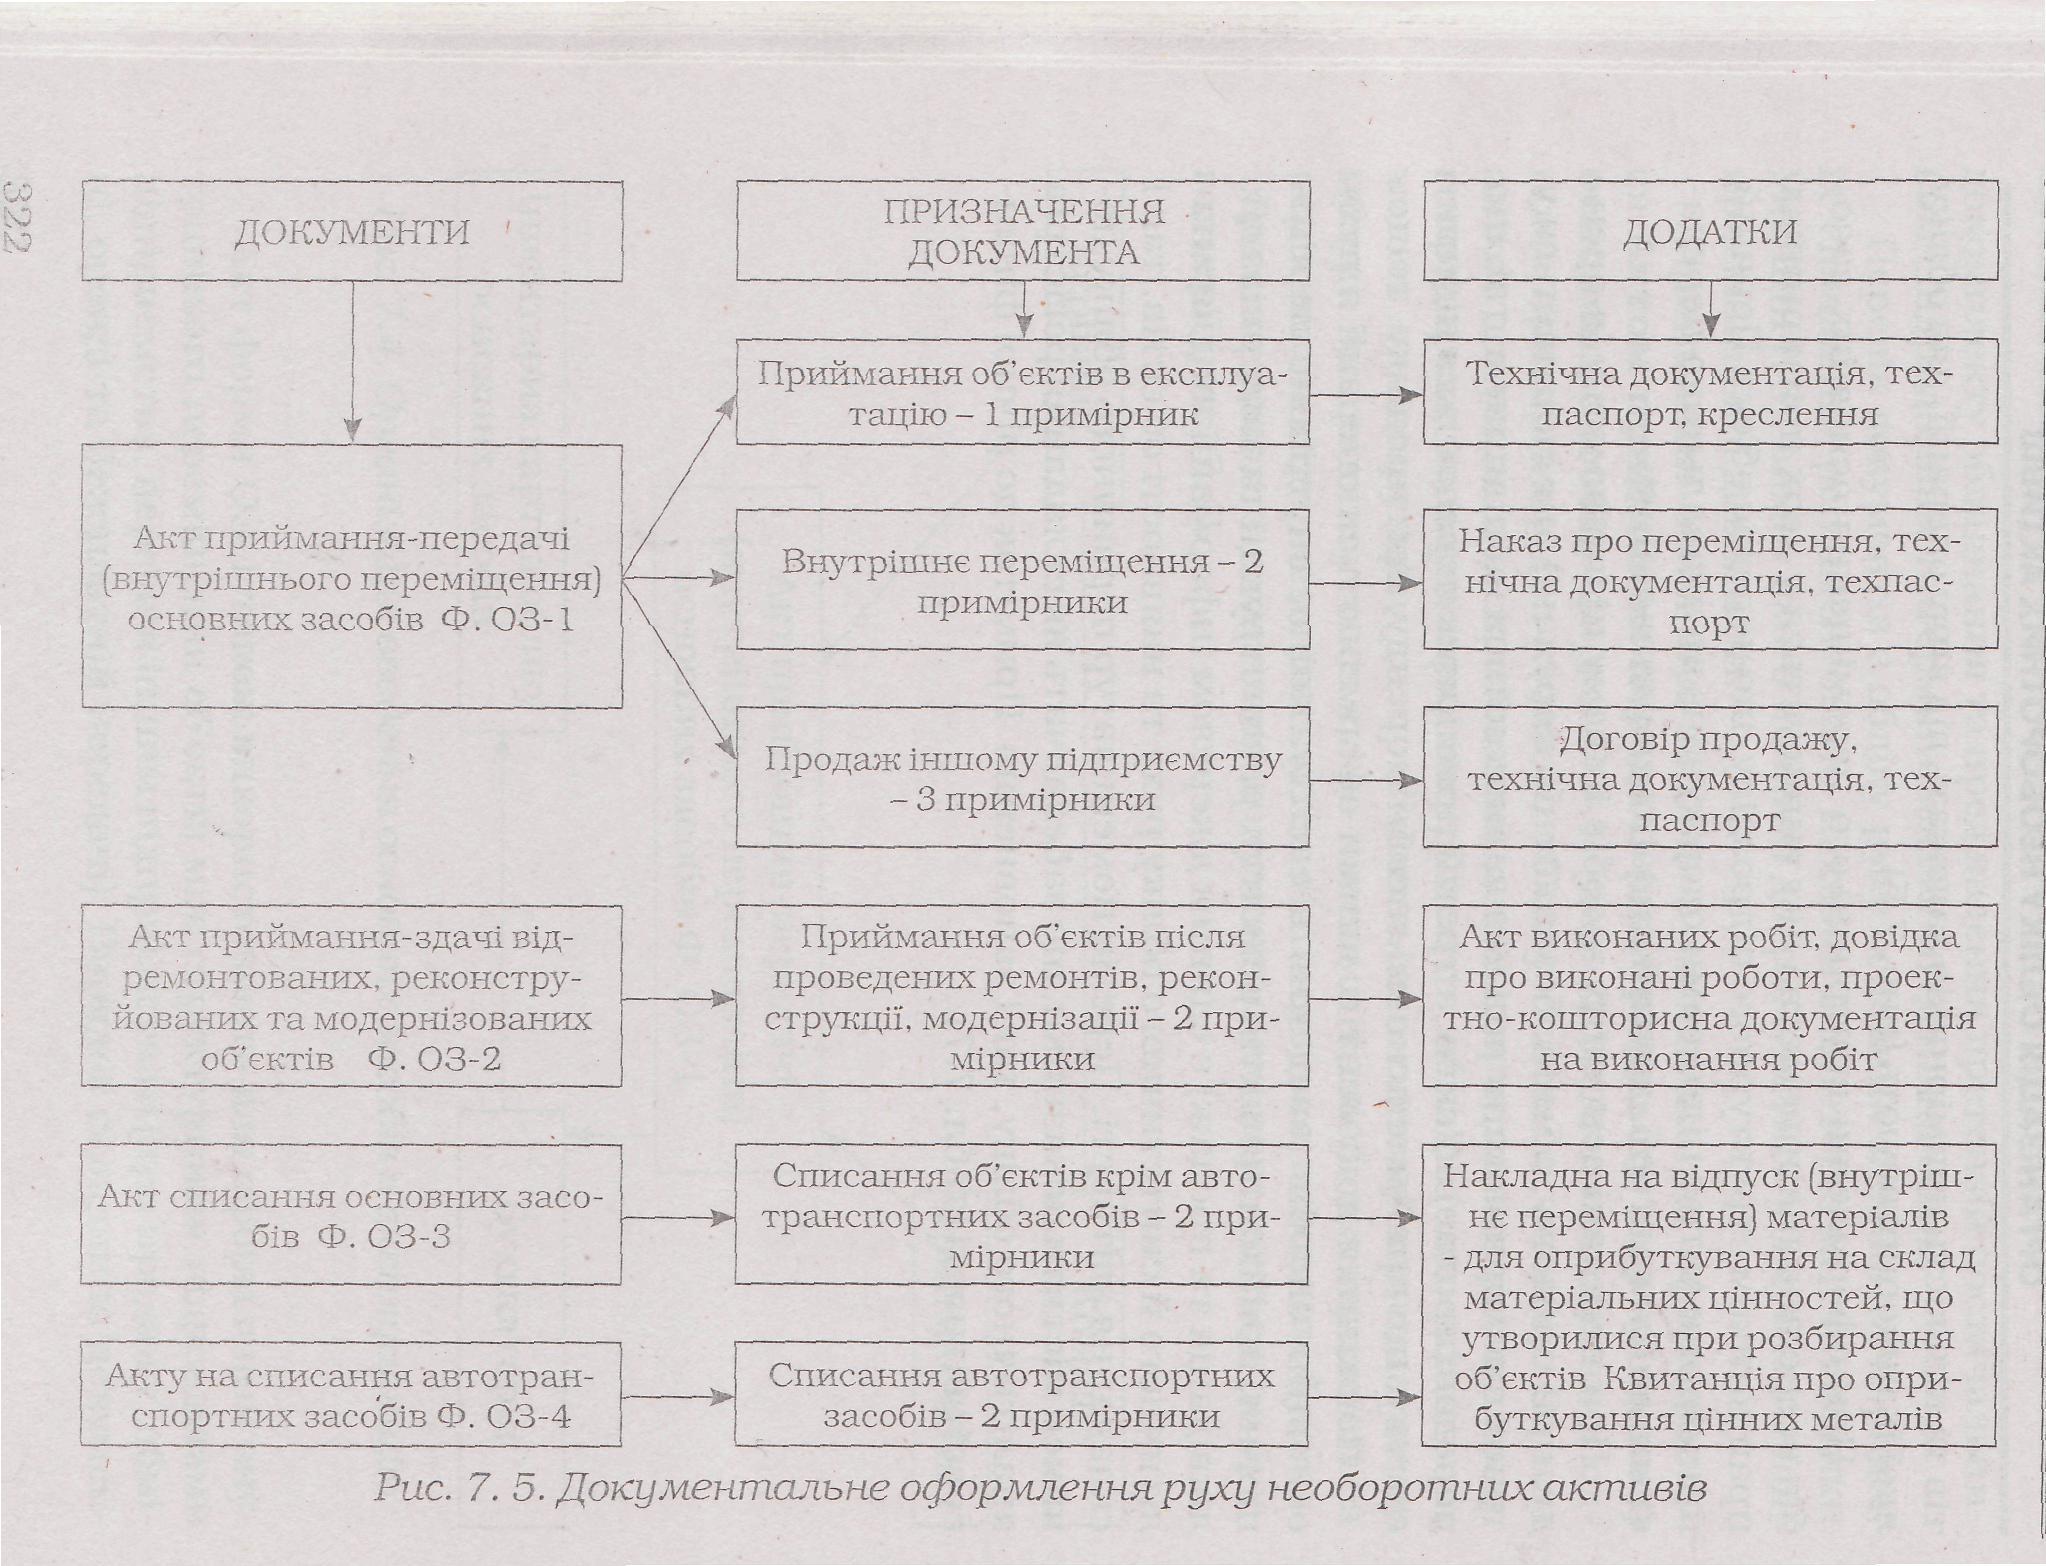 бланк акта прийома-передачі основних фондів